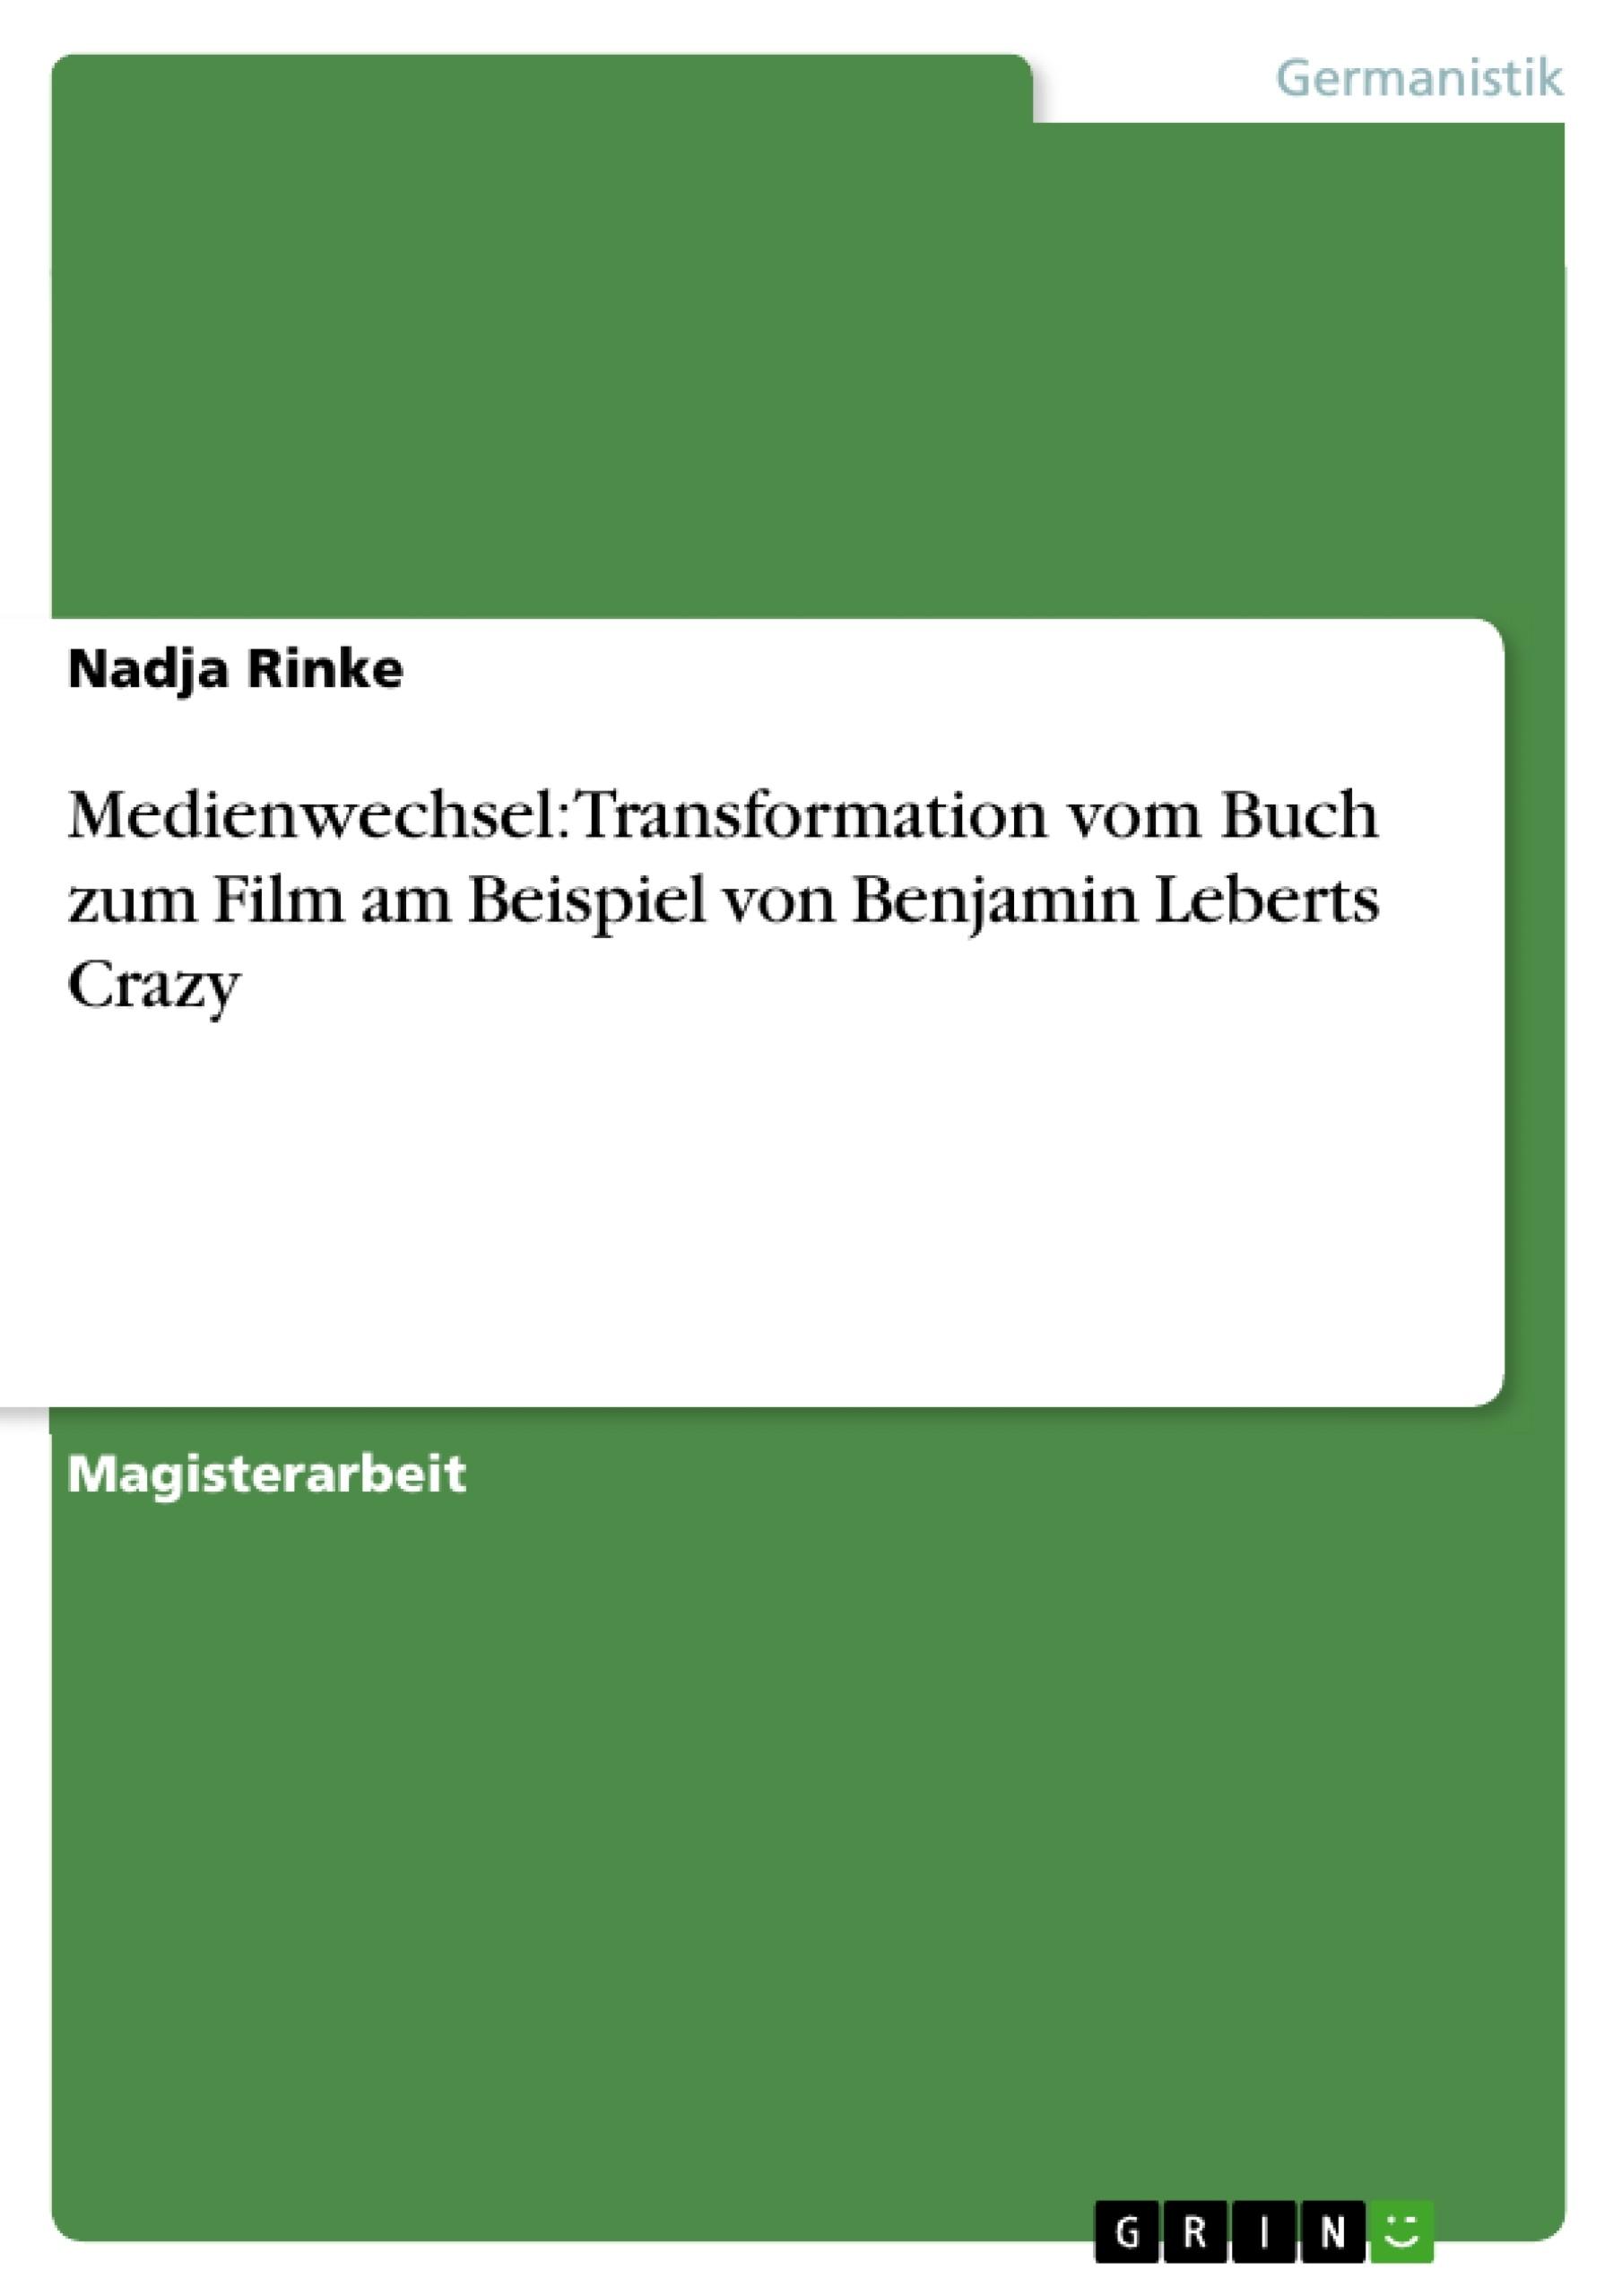 Titel: Medienwechsel: Transformation vom Buch zum Film am Beispiel von Benjamin Leberts Crazy